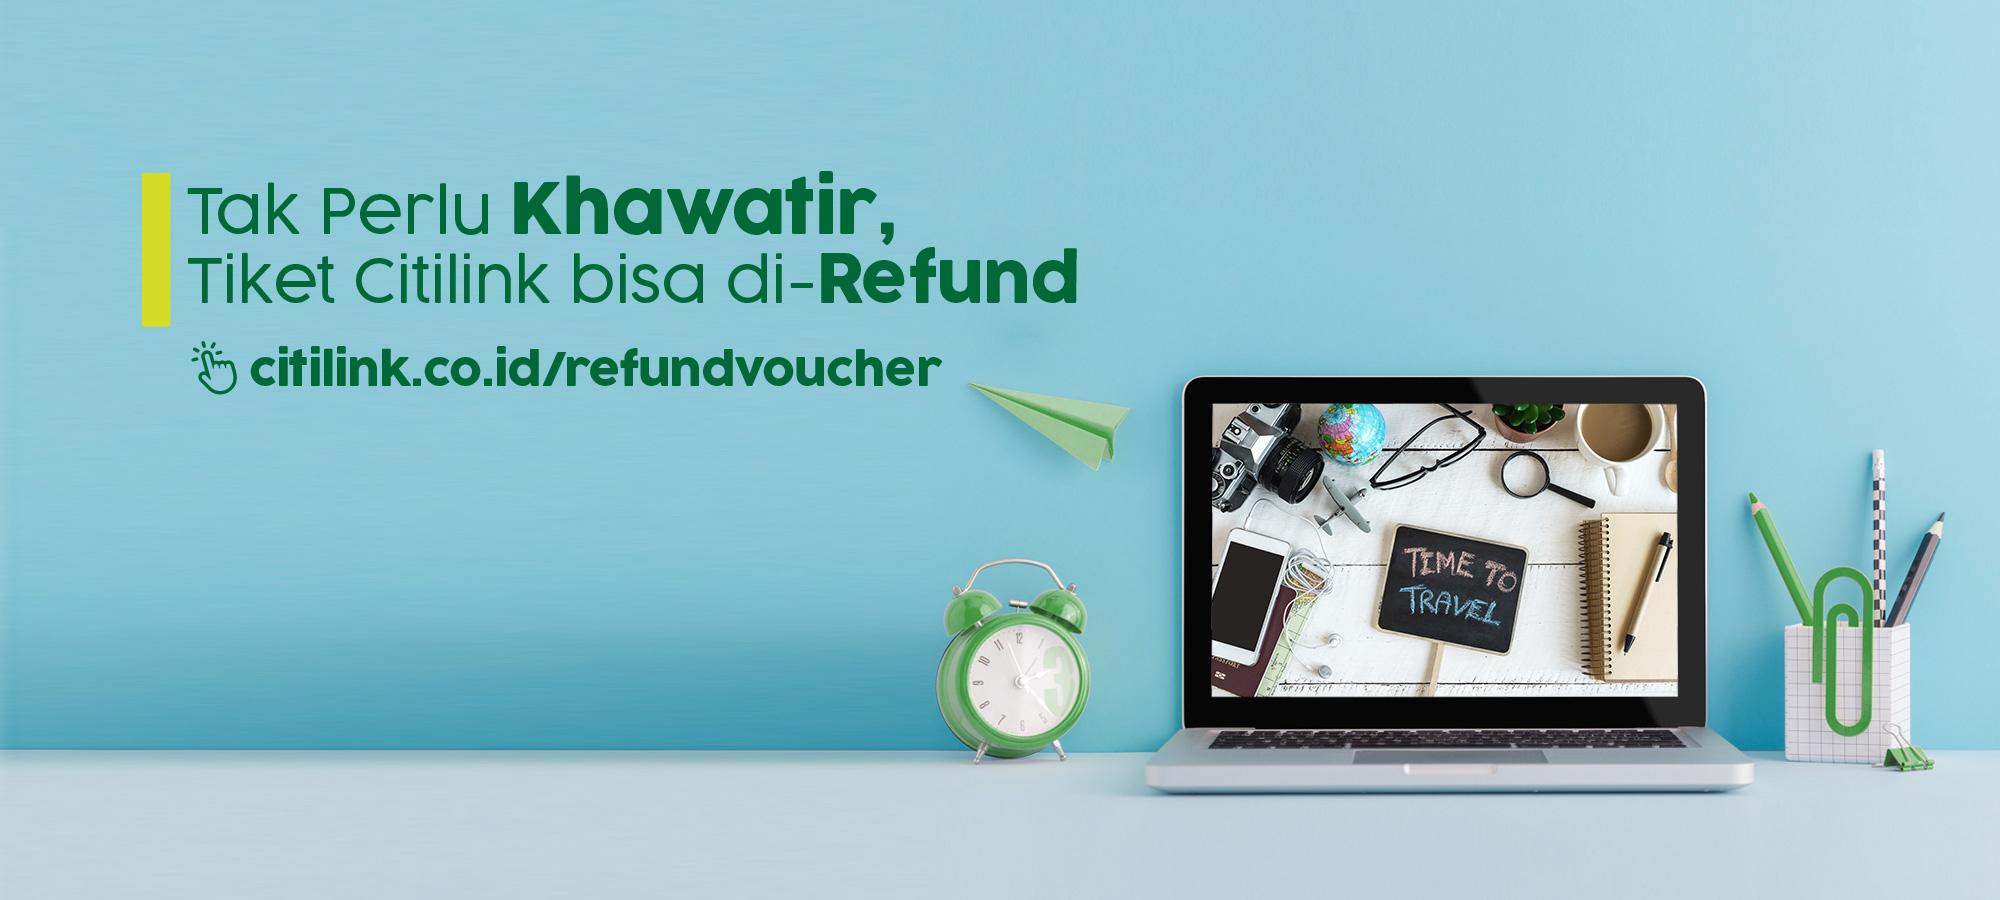 Refund001